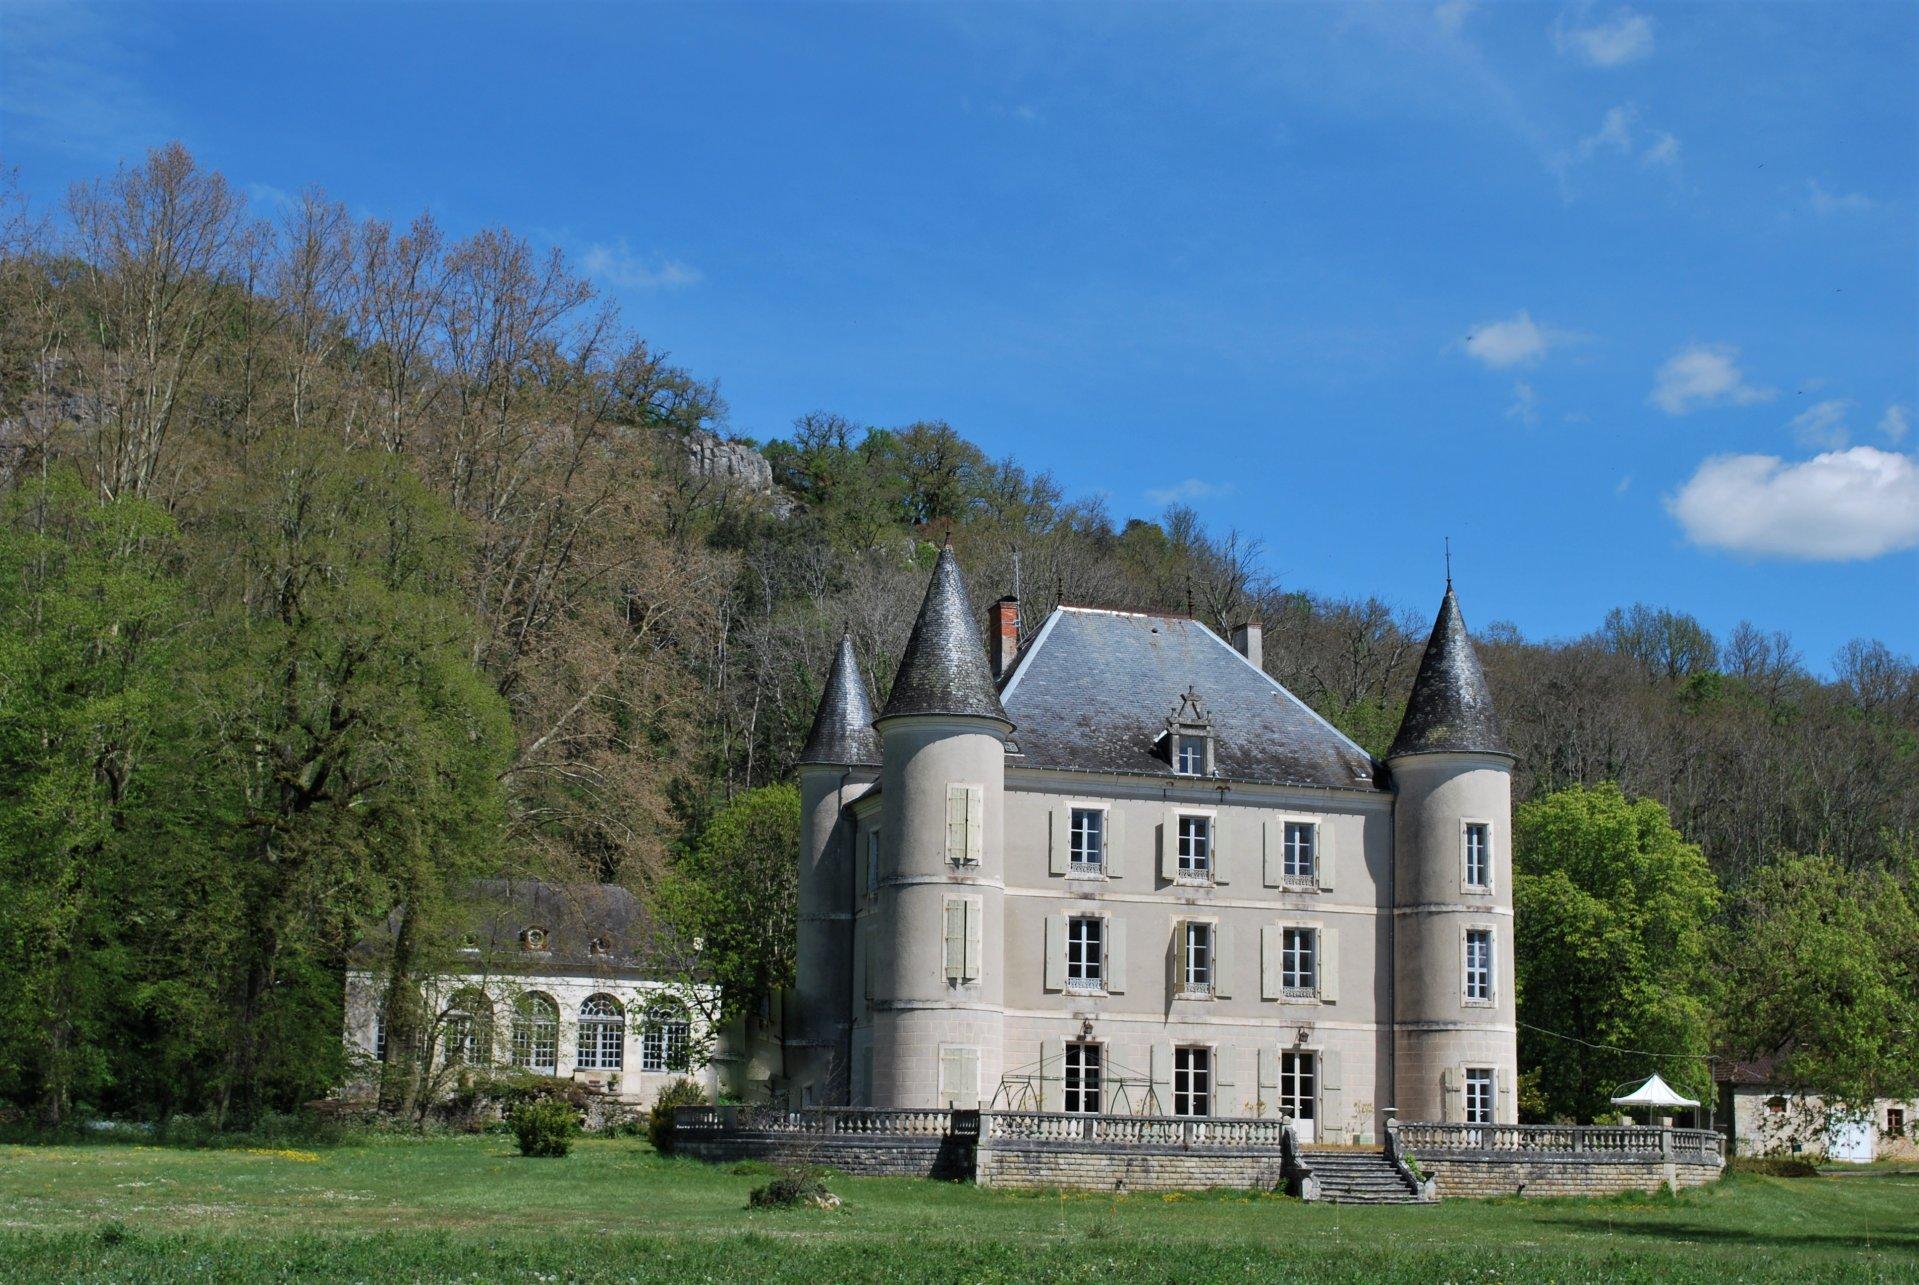 Ce château de conte de fées possède toute l'authenticité de la vie moderne